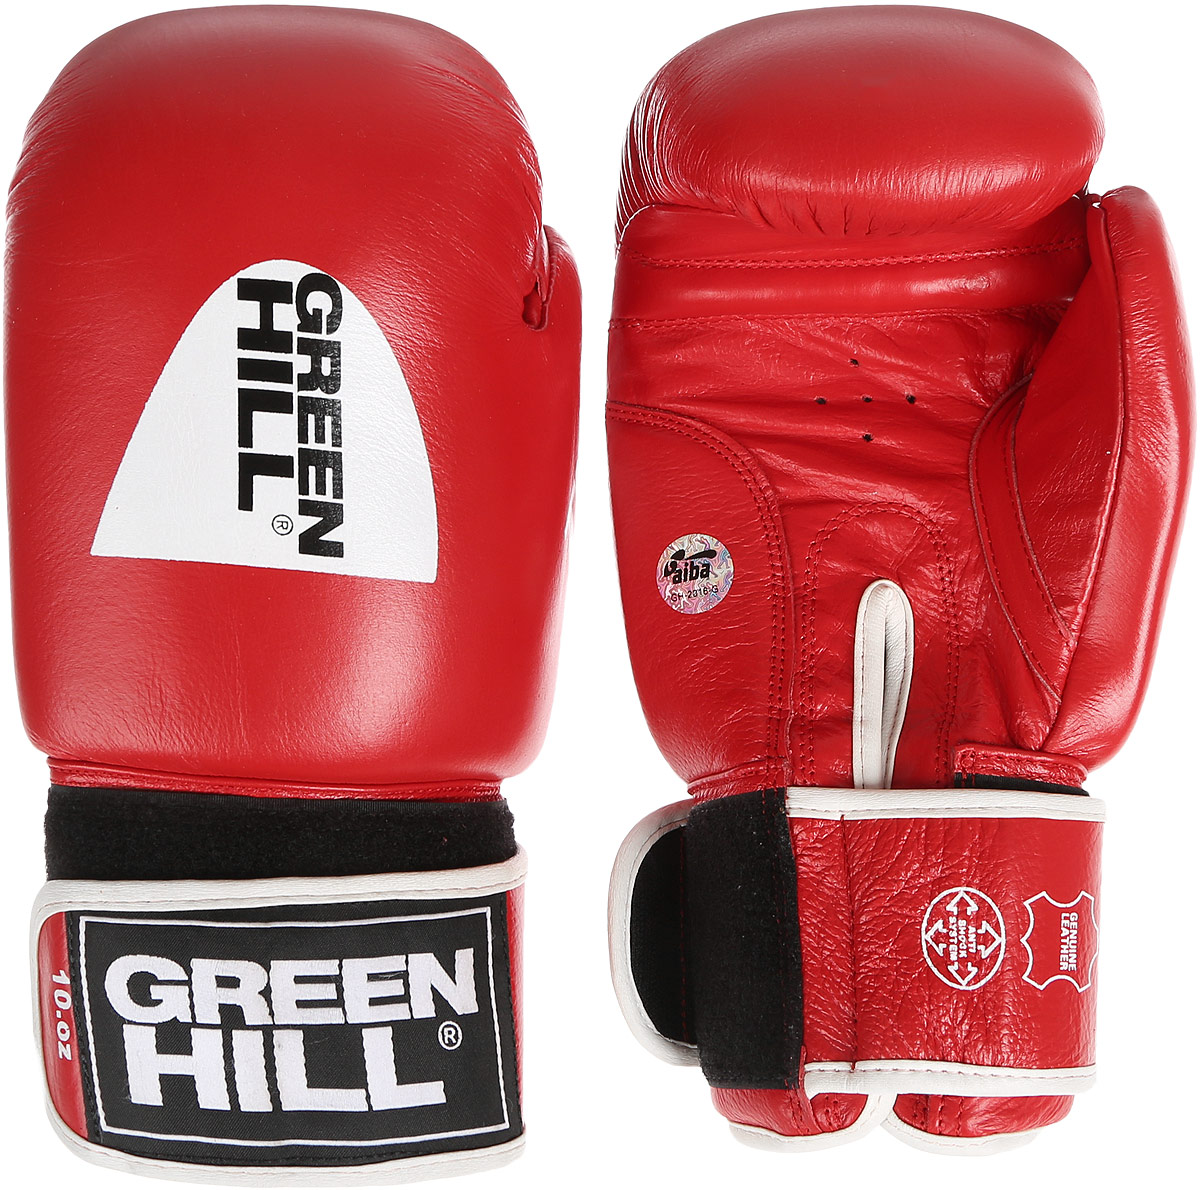 Перчатки боксерские Green Hill Tiger, цвет: красный, черный, белый. Вес 10 унций. BGT-2010аAIRWHEEL Q3-340WH-BLACKБоксерские перчатки Green Hill Tiger, одобренные международной ассоциацией любительского бокса (AIBA), прекрасно подойдут для прогрессирующих спортсменов. Верх выполнен из натуральной кожи, наполнитель - из пенополиуретана. Точечная вентиляцияв области ладони позволяет создать максимально комфортный терморежим во время занятий. Широкий ремень, охватывая запястье, полностью оборачивается вокруг манжеты, благодаря чему создается дополнительная защита лучезапястного сустава от травмирования. Перчатки прекрасно сидят на руке. Застежка на липучке способствует быстрому и удобному надеванию перчаток, плотно фиксирует перчатки на руке.